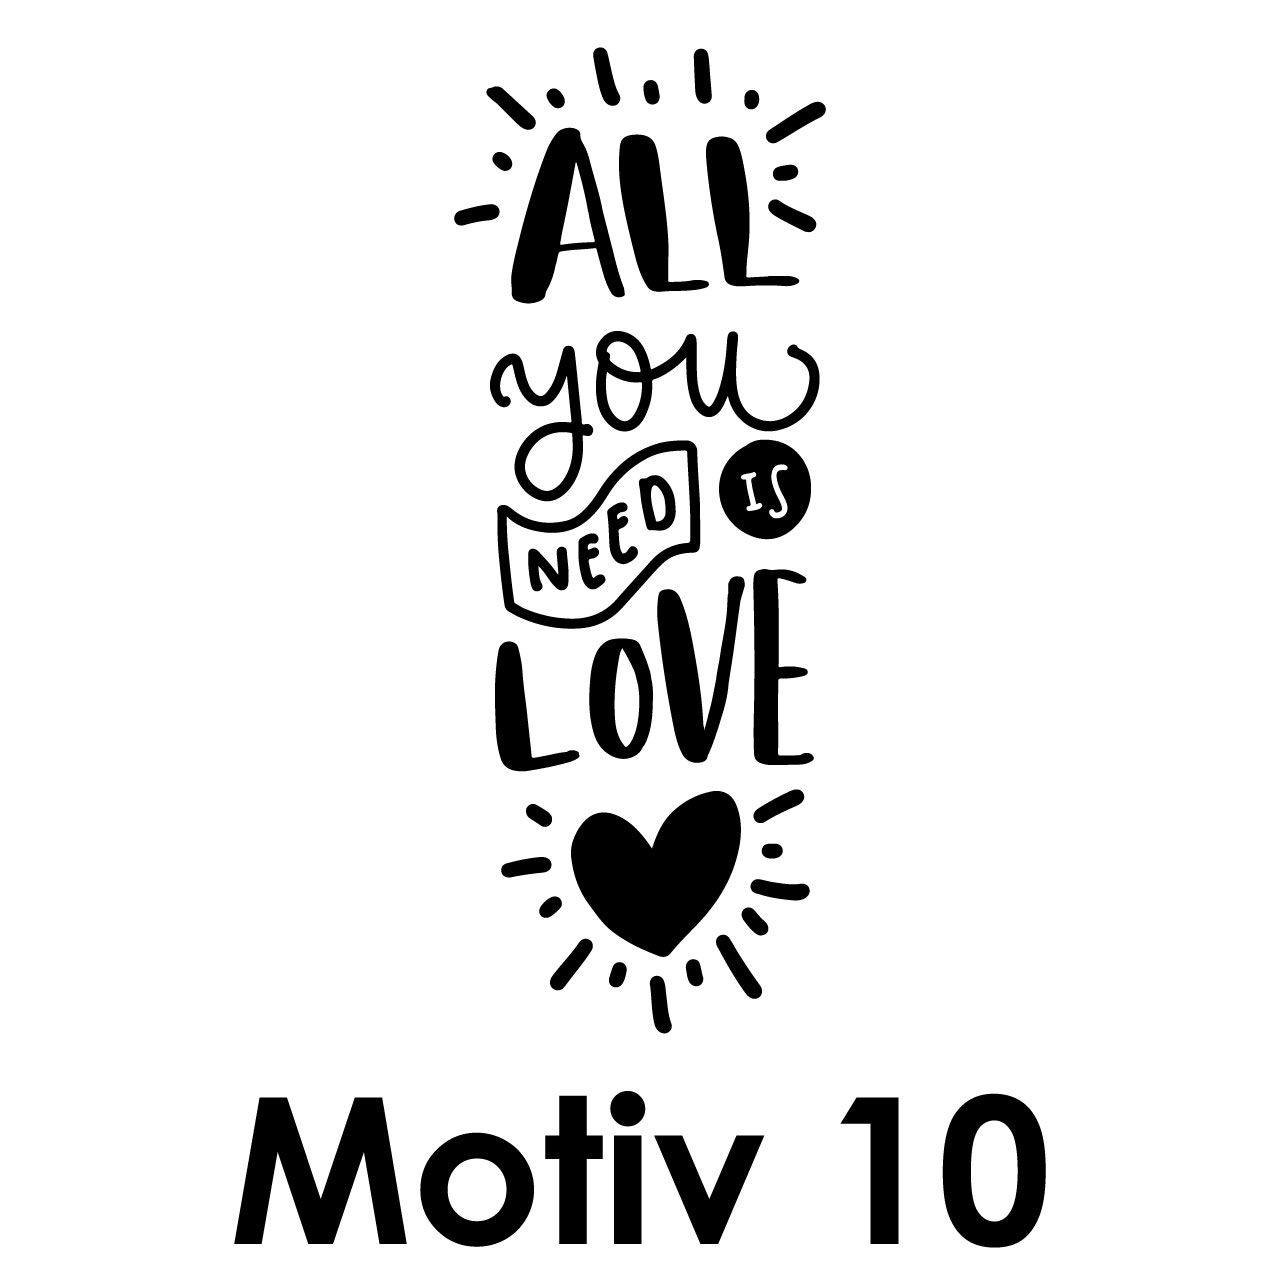 Motiv10